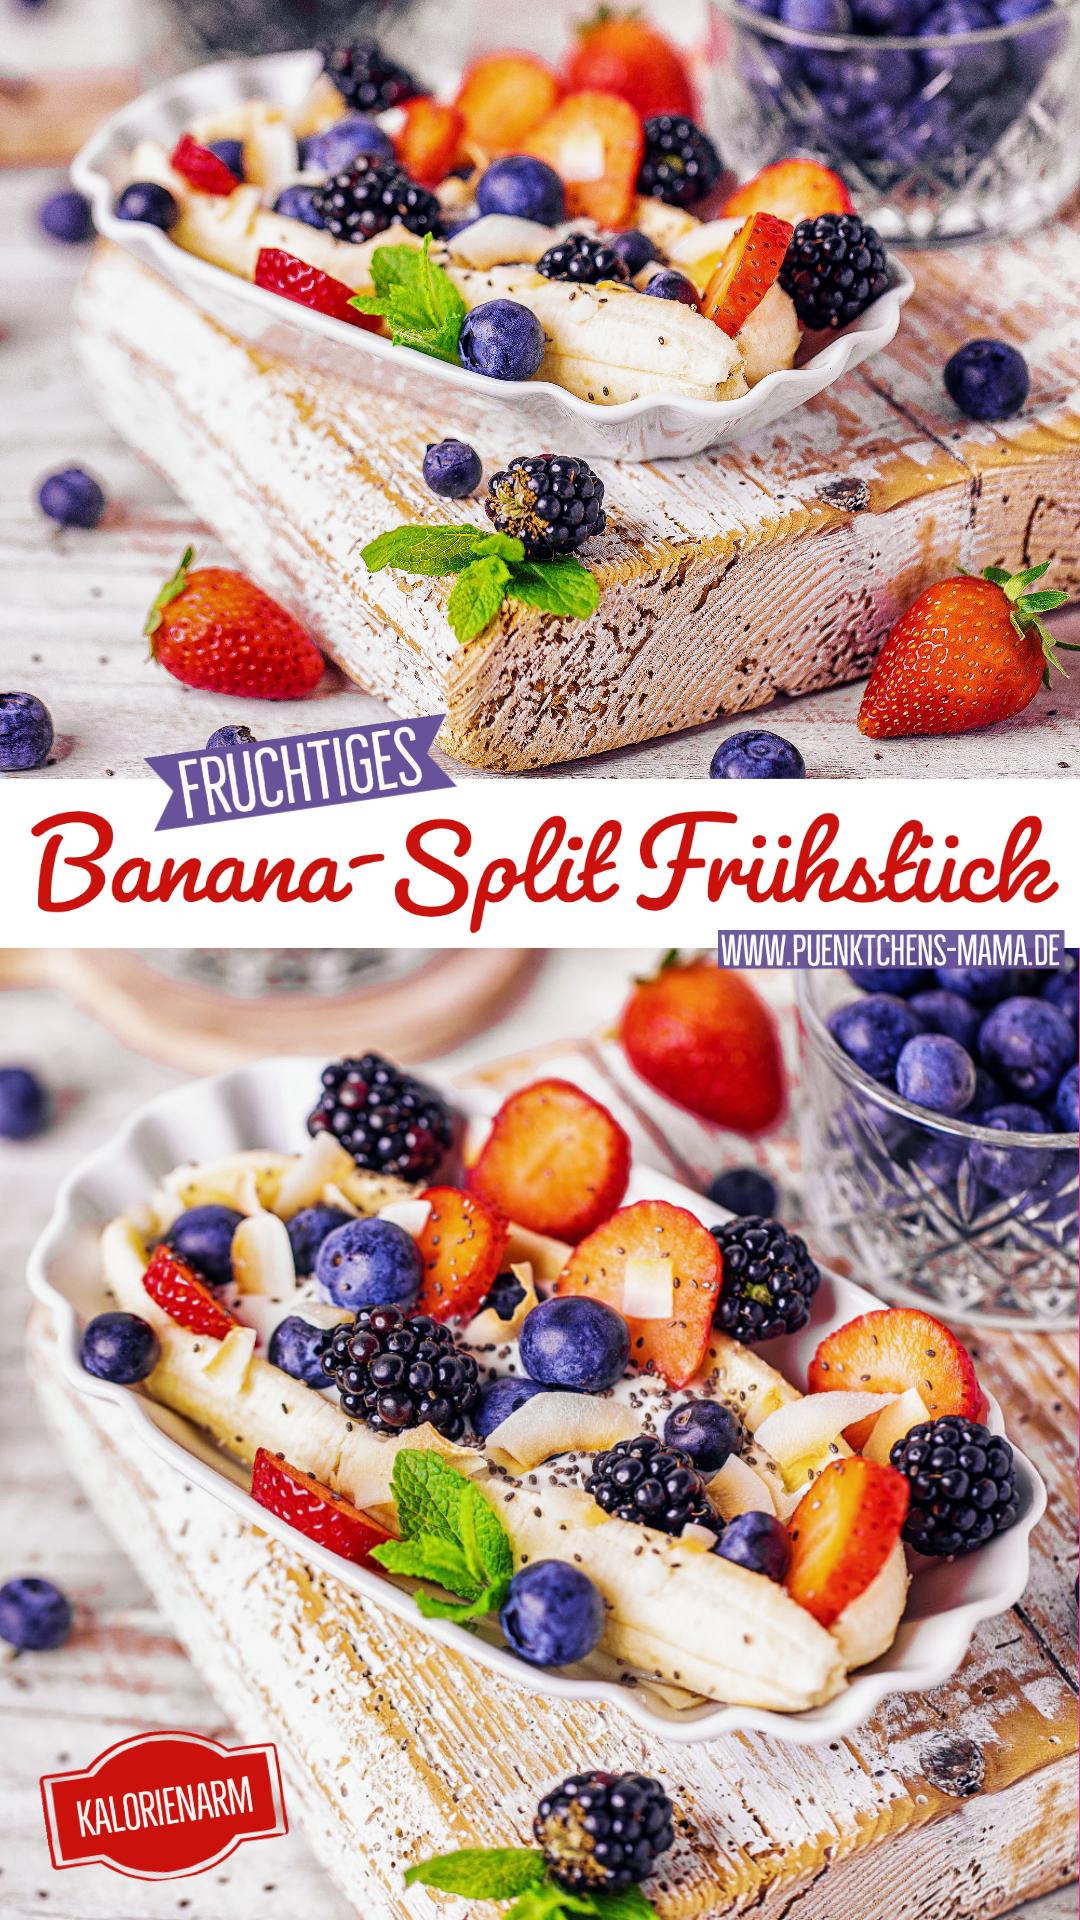 Fruchtiges-Banana-Split-Fruehstück-kalorienreduziert-einfaches-rezept-fitfood14